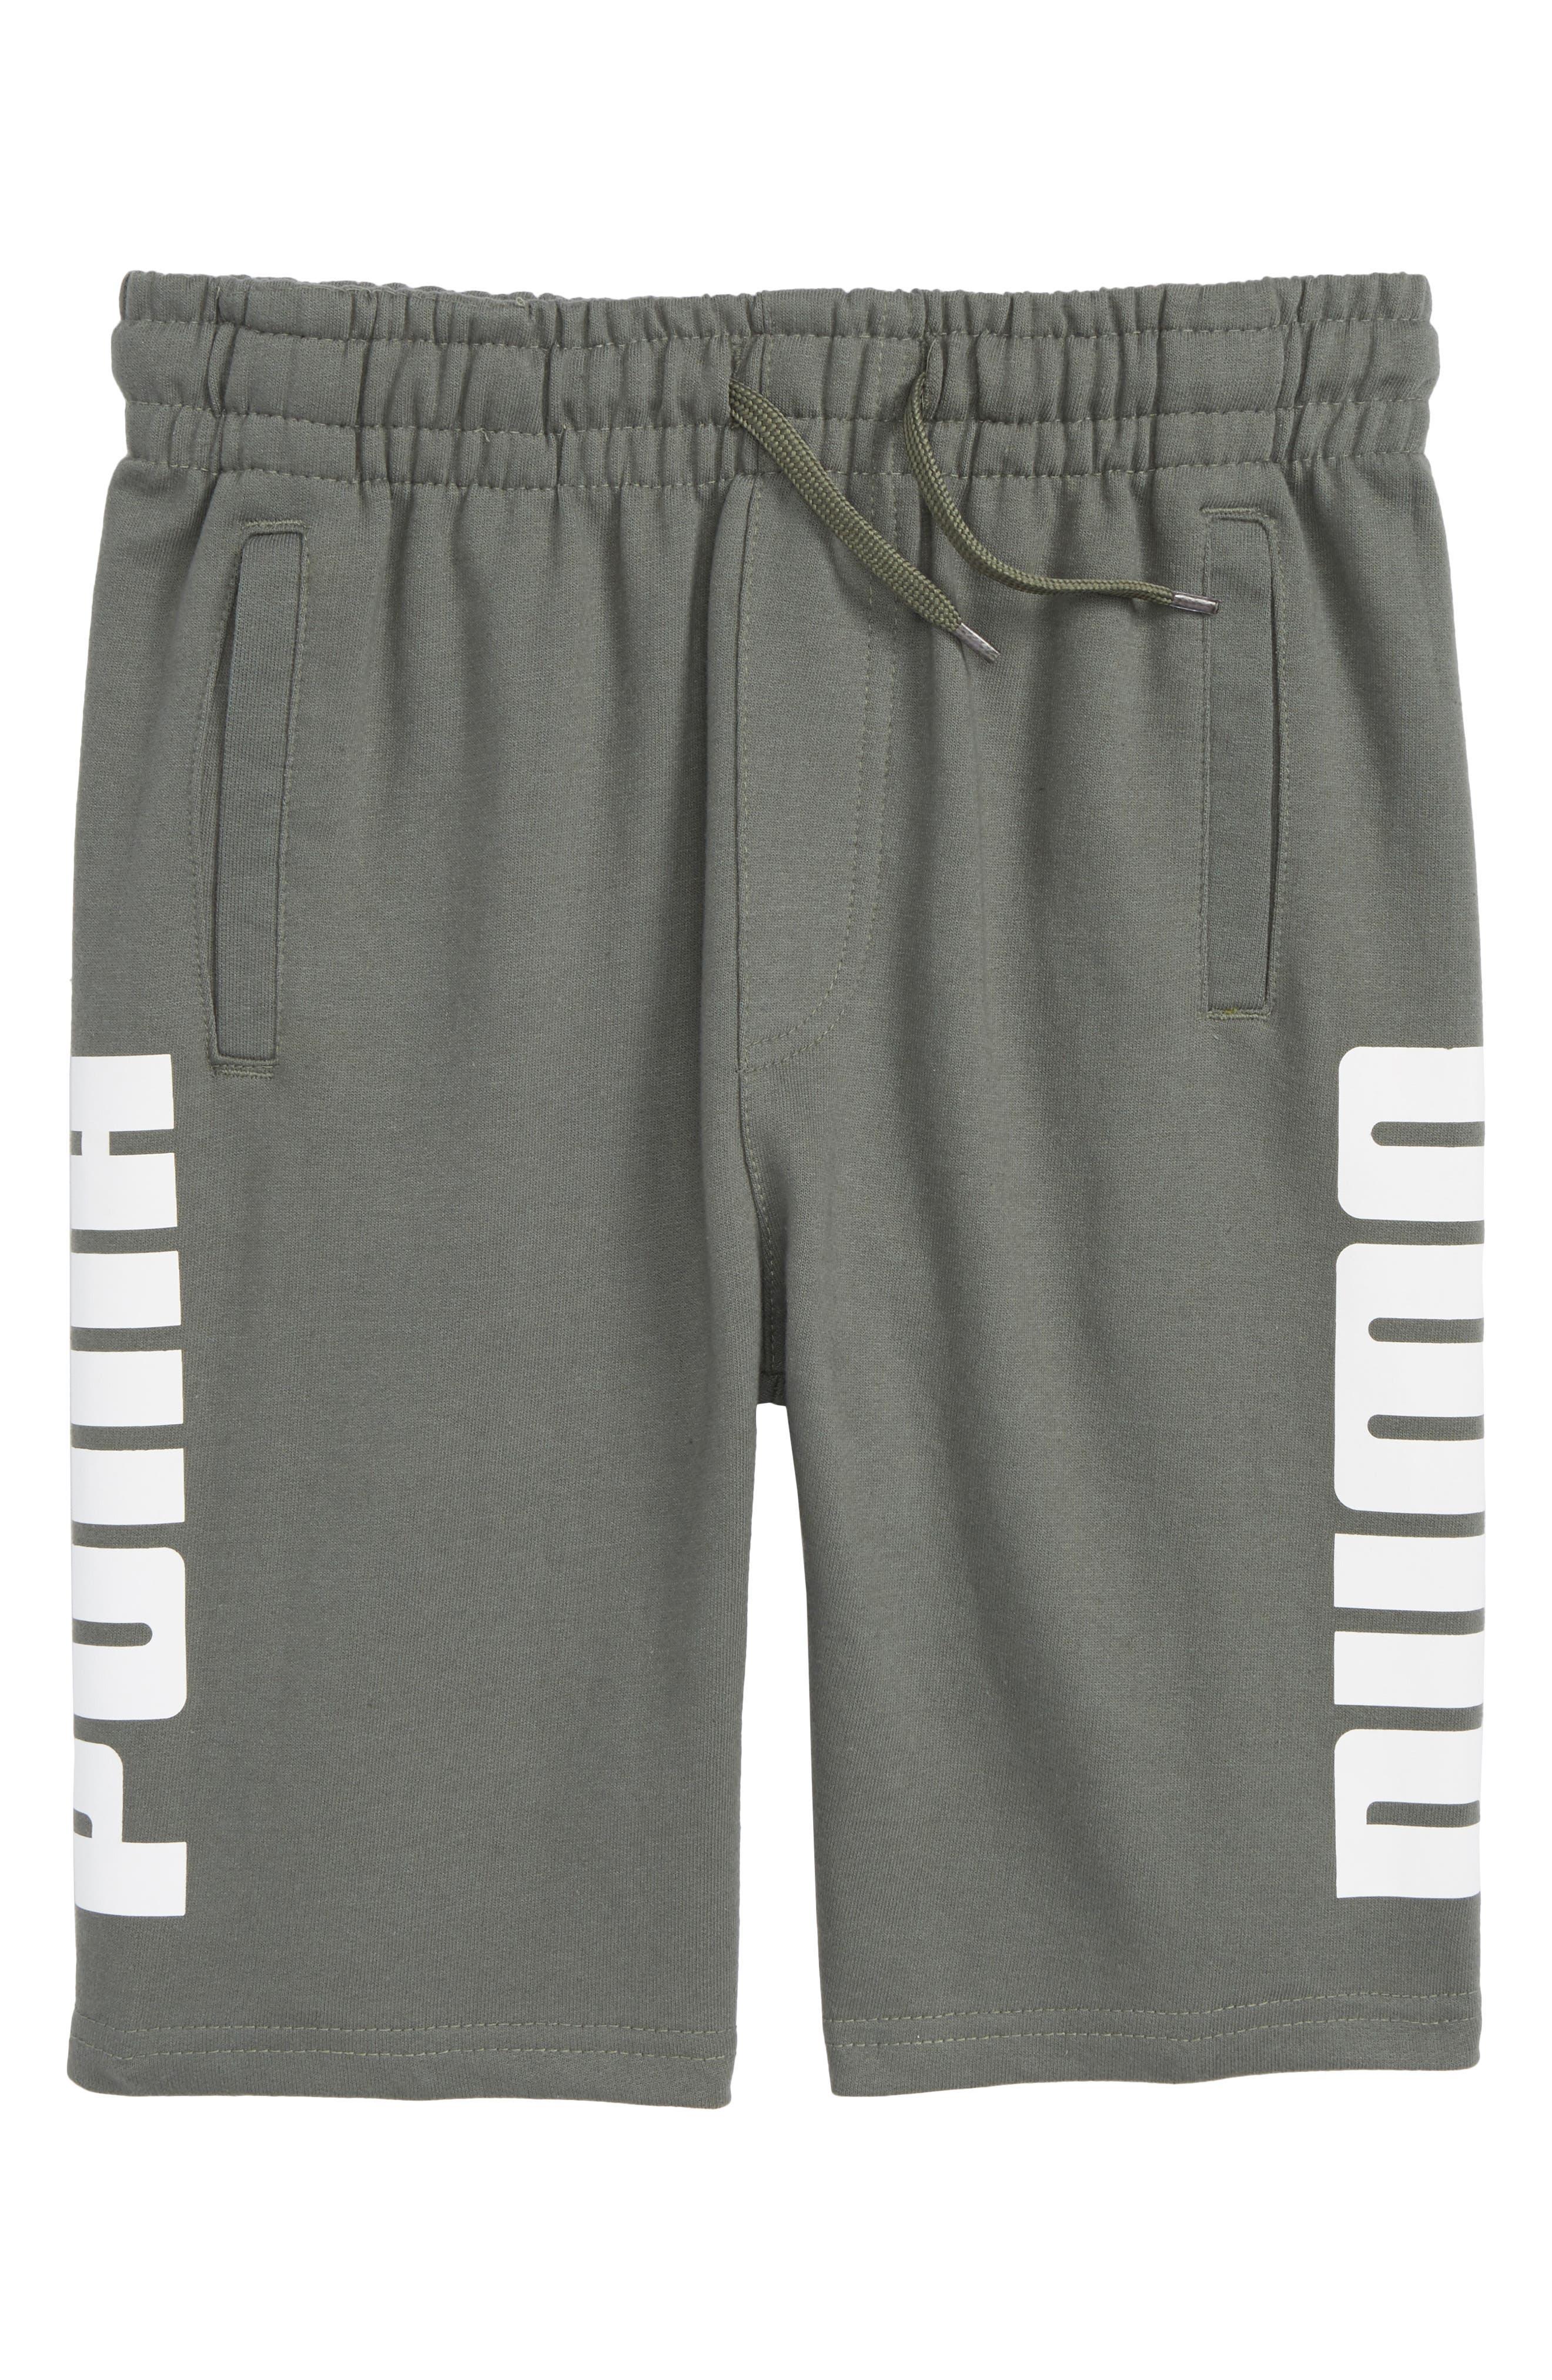 Rebel Knit Shorts,                             Main thumbnail 2, color,